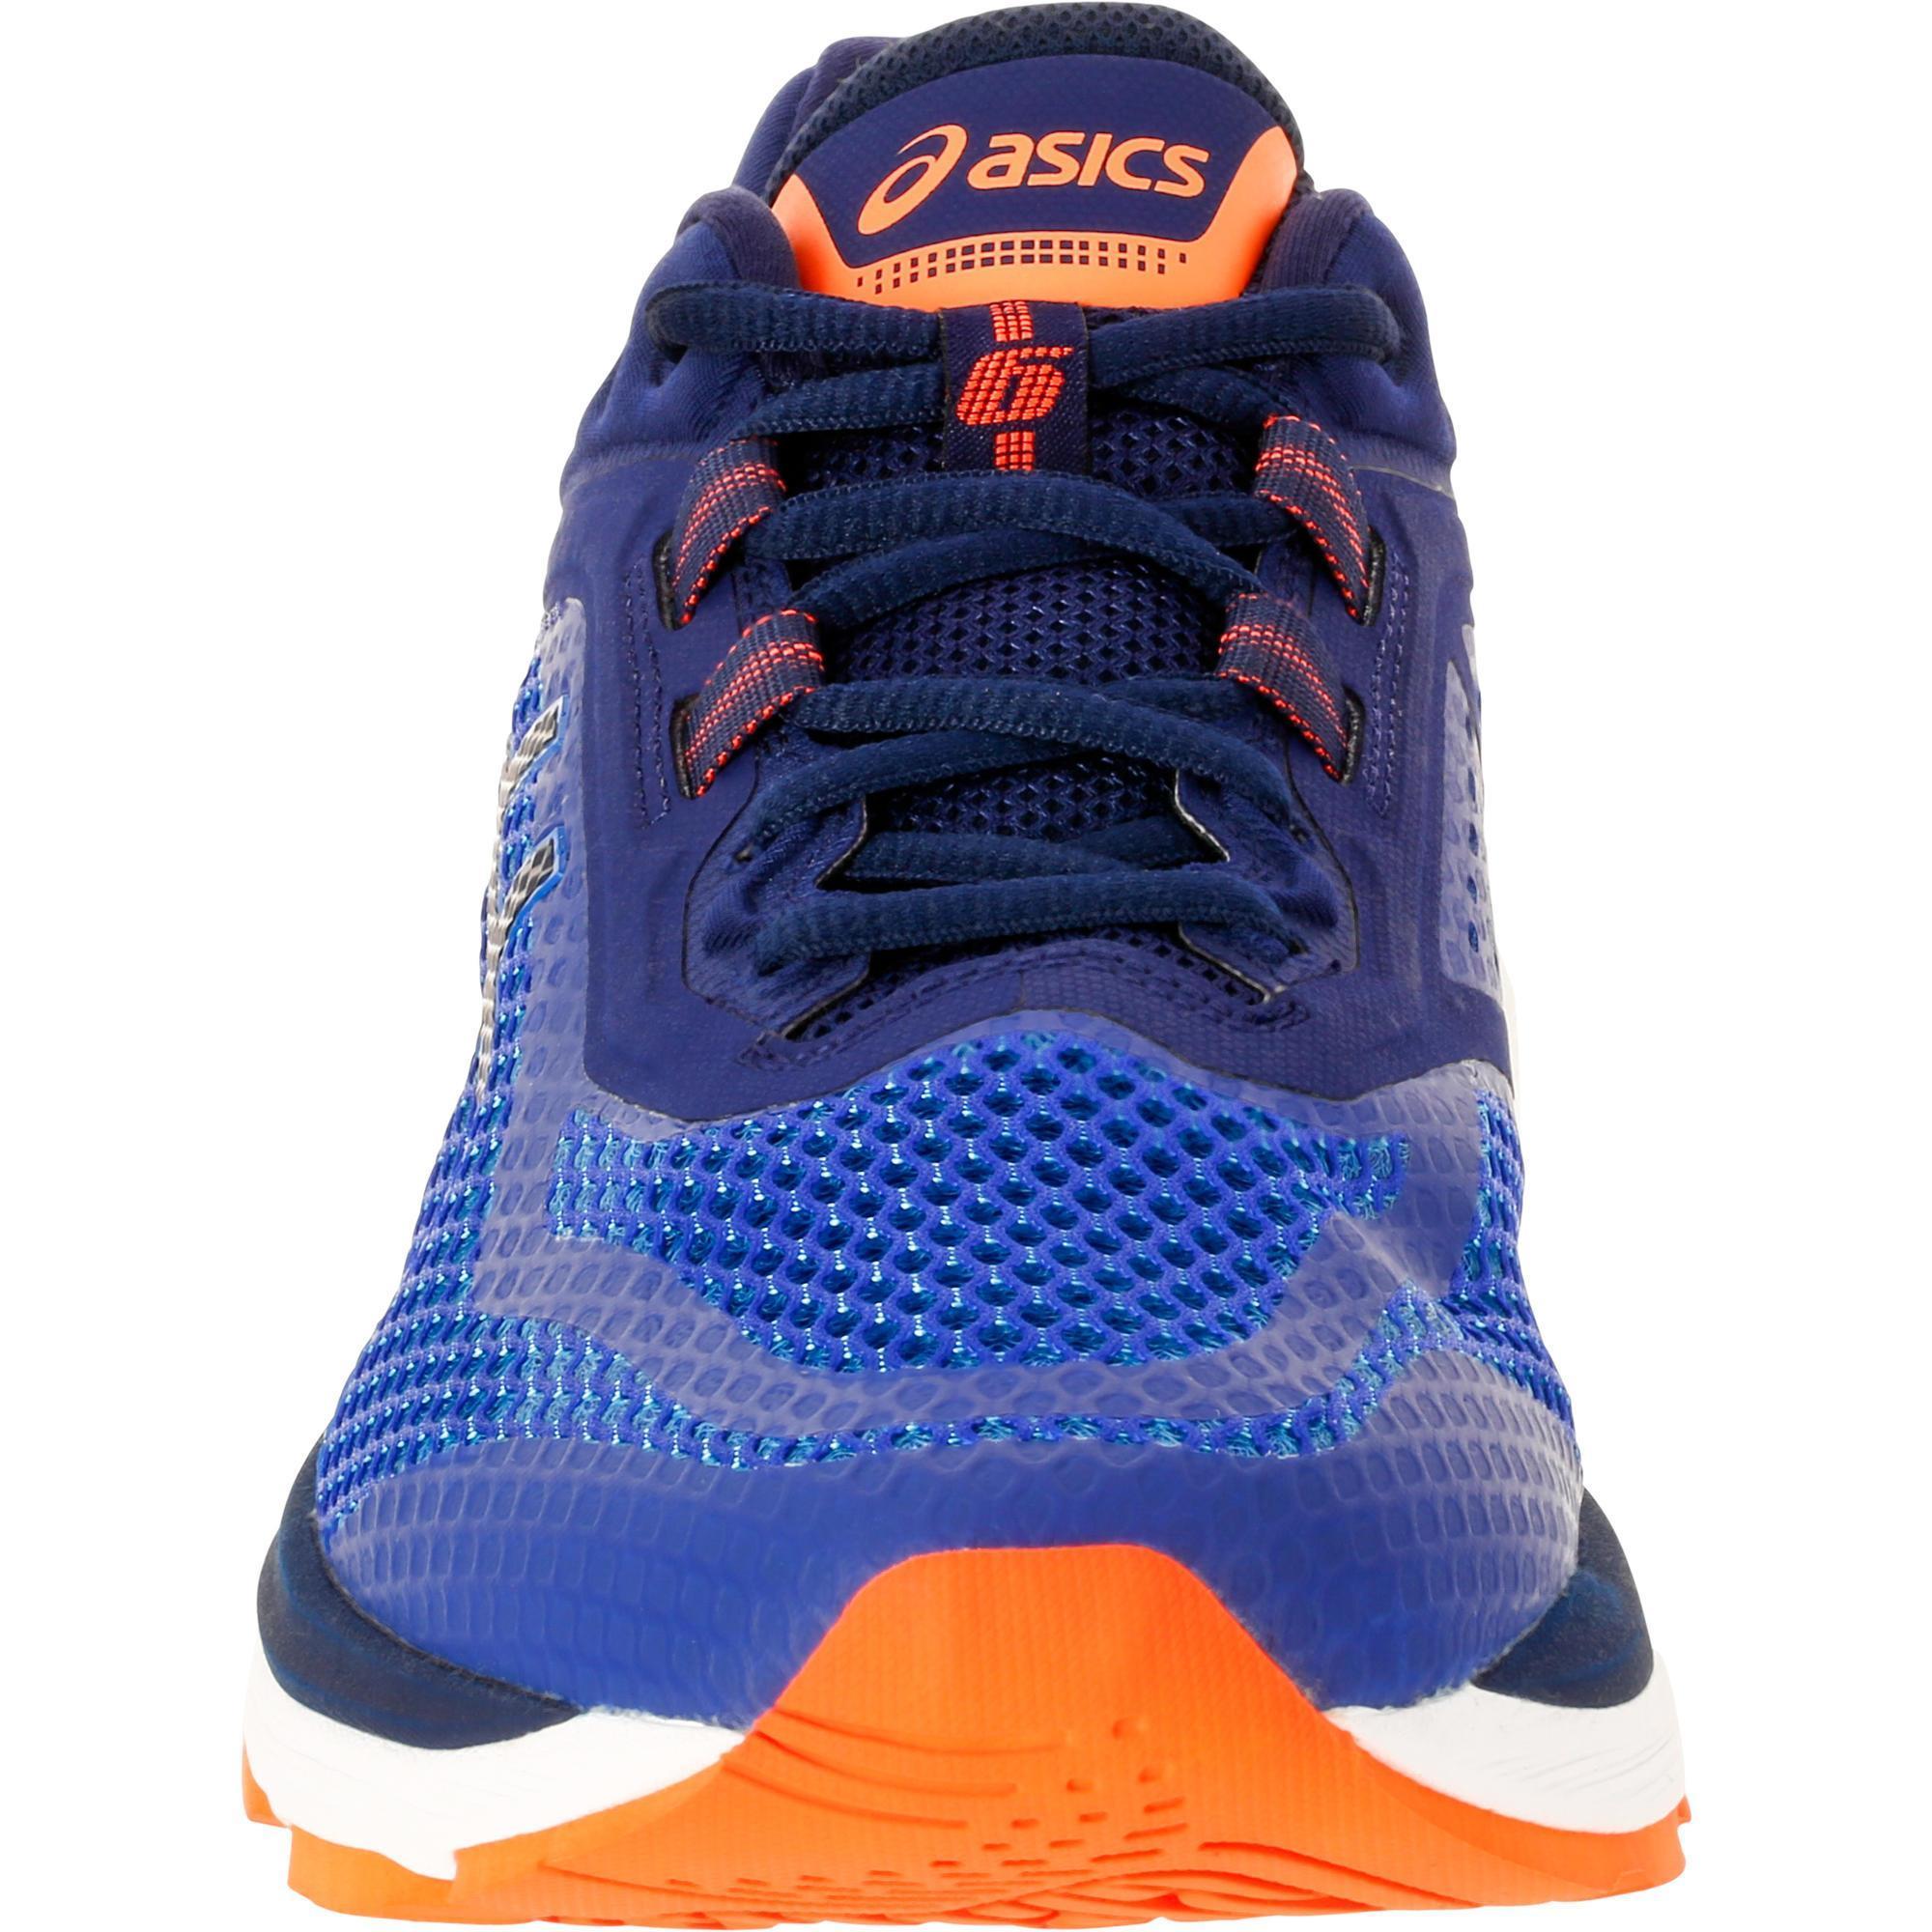 separation shoes d56b1 e4f02 Asics 6 2000 Gel Chaussures Homme Running Zw7qa8vx Gt Bleu Decathlon 18wg4xq